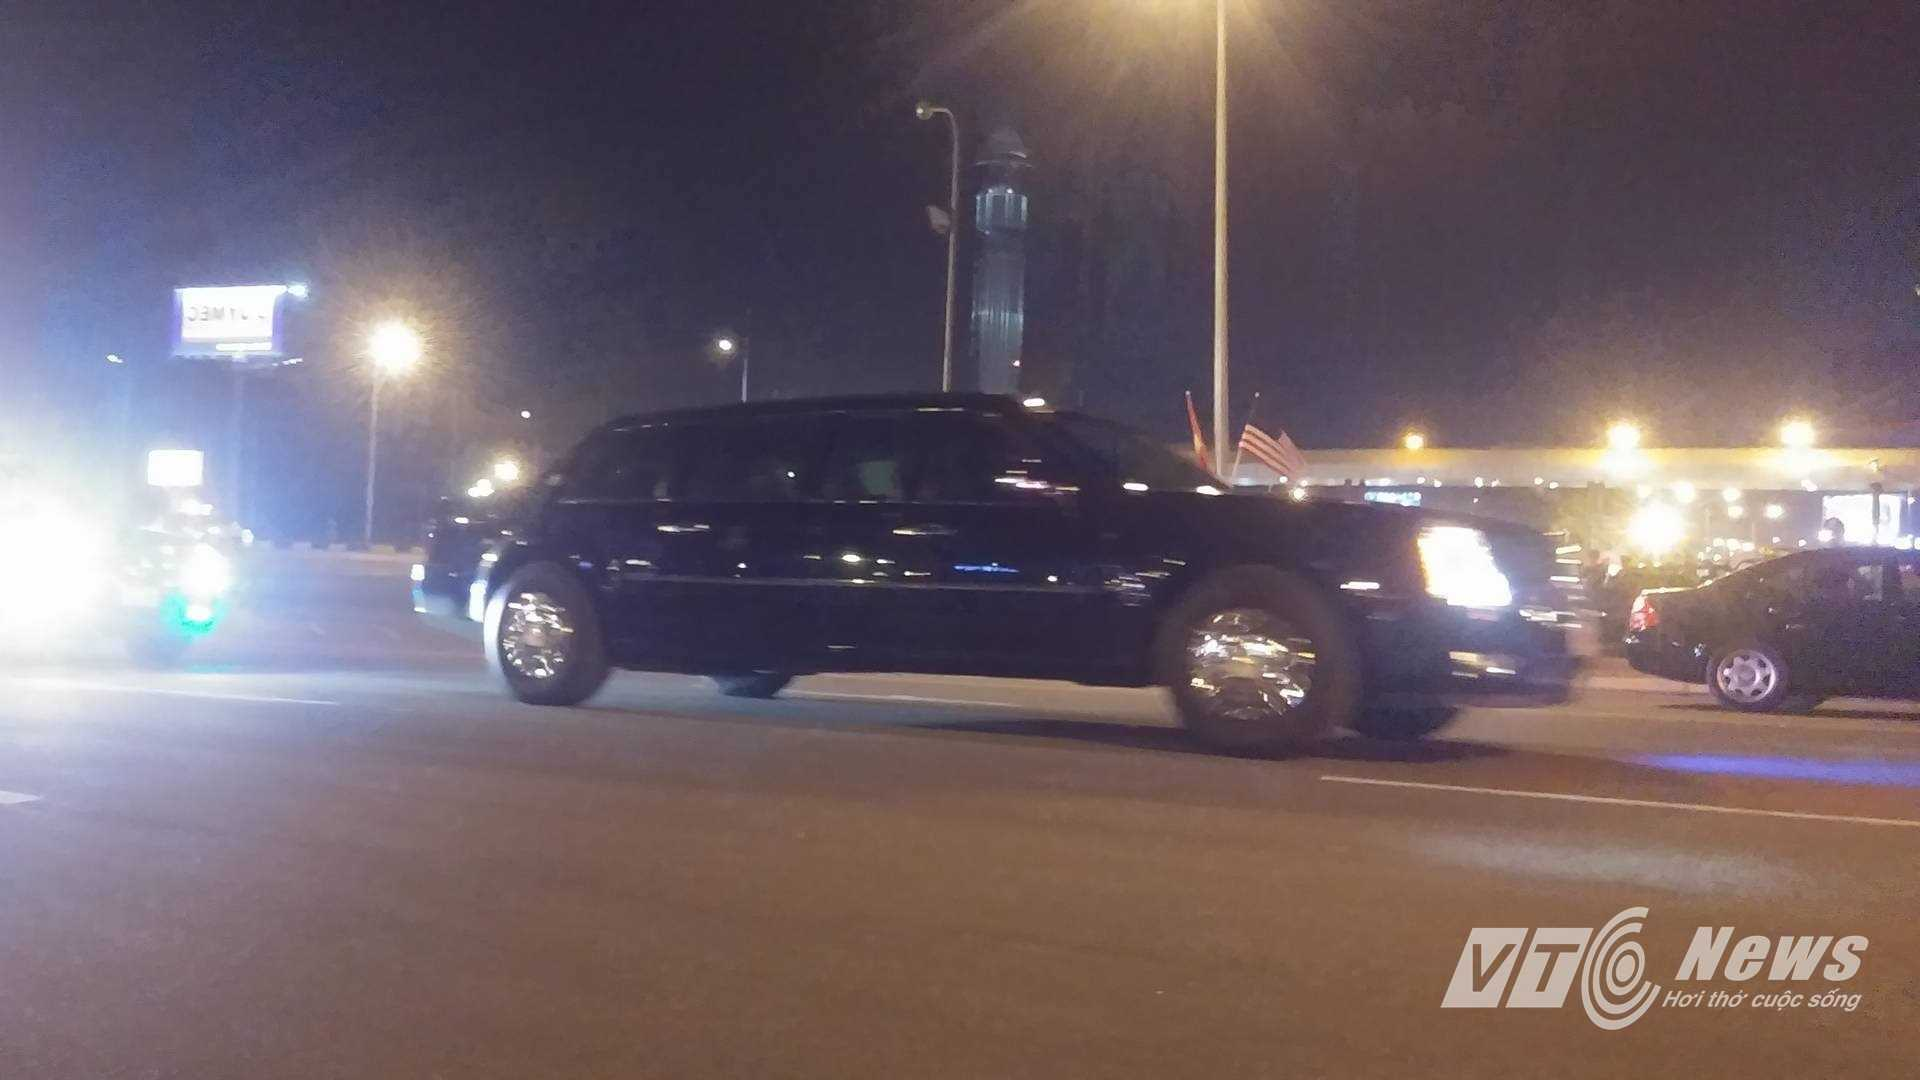 2 chiếc Cadillac được mệnh danh là The Beast trong đoàn hộ tống ông Obama về khách sạn.